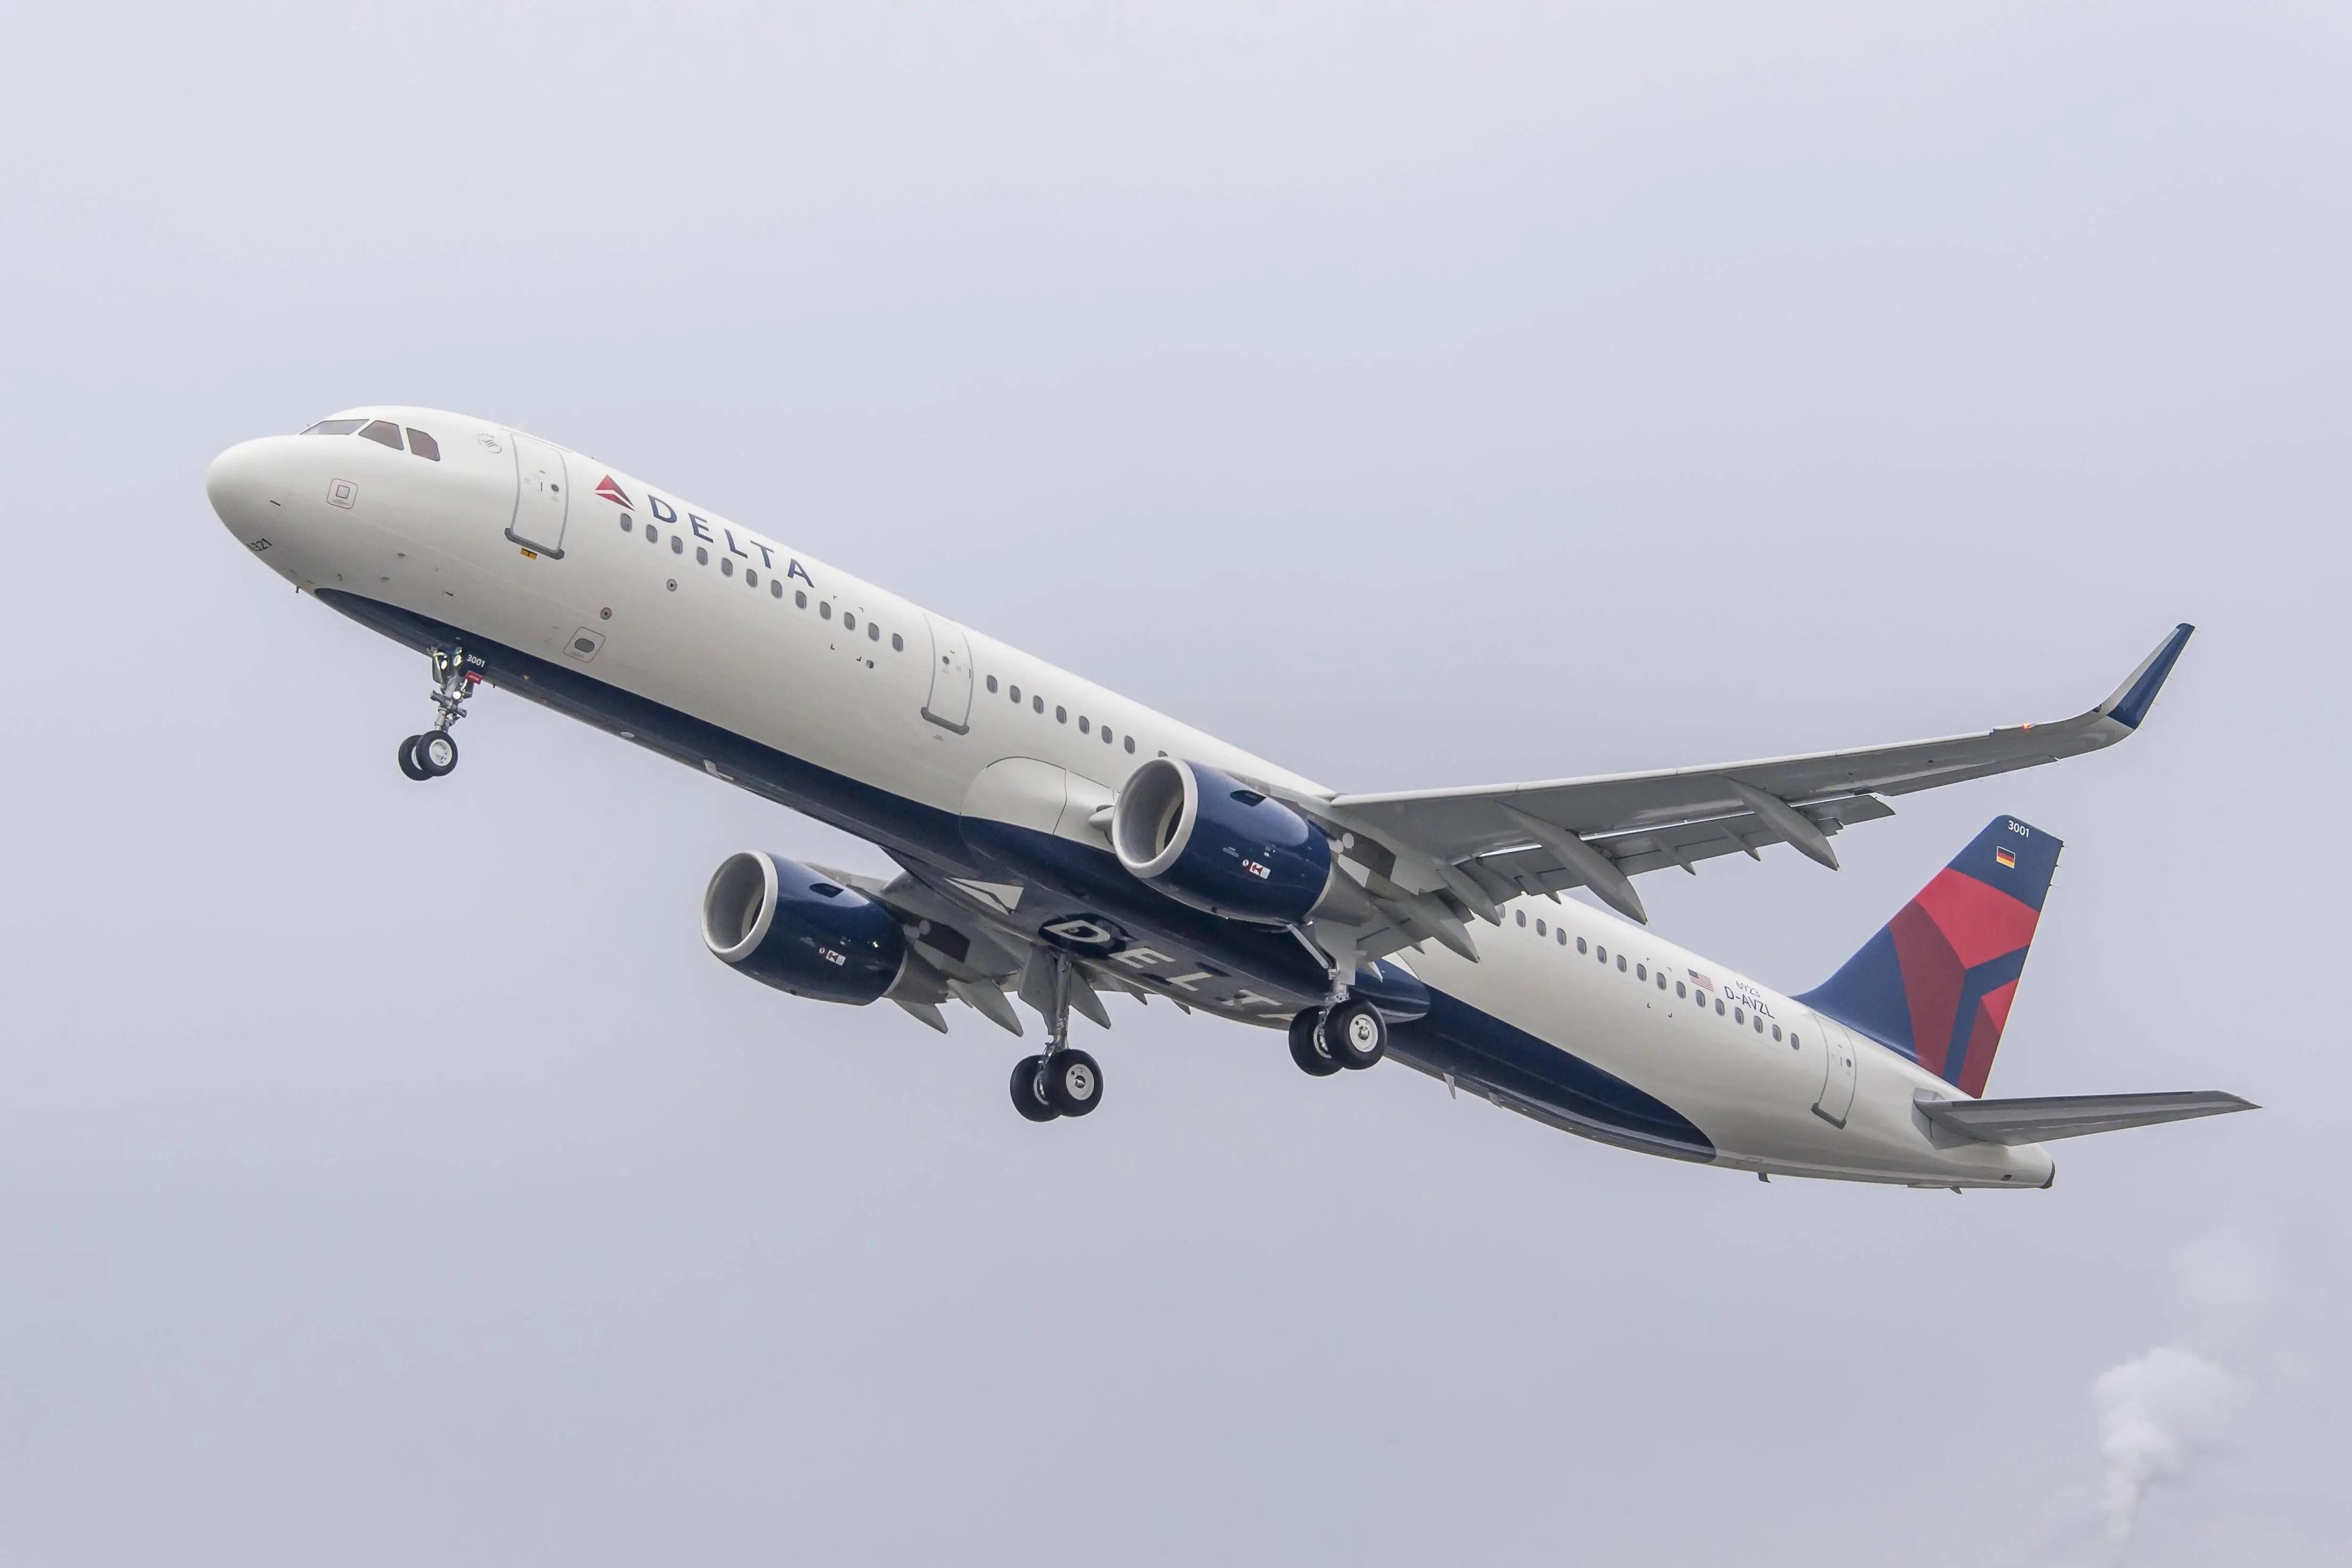 Delta A321